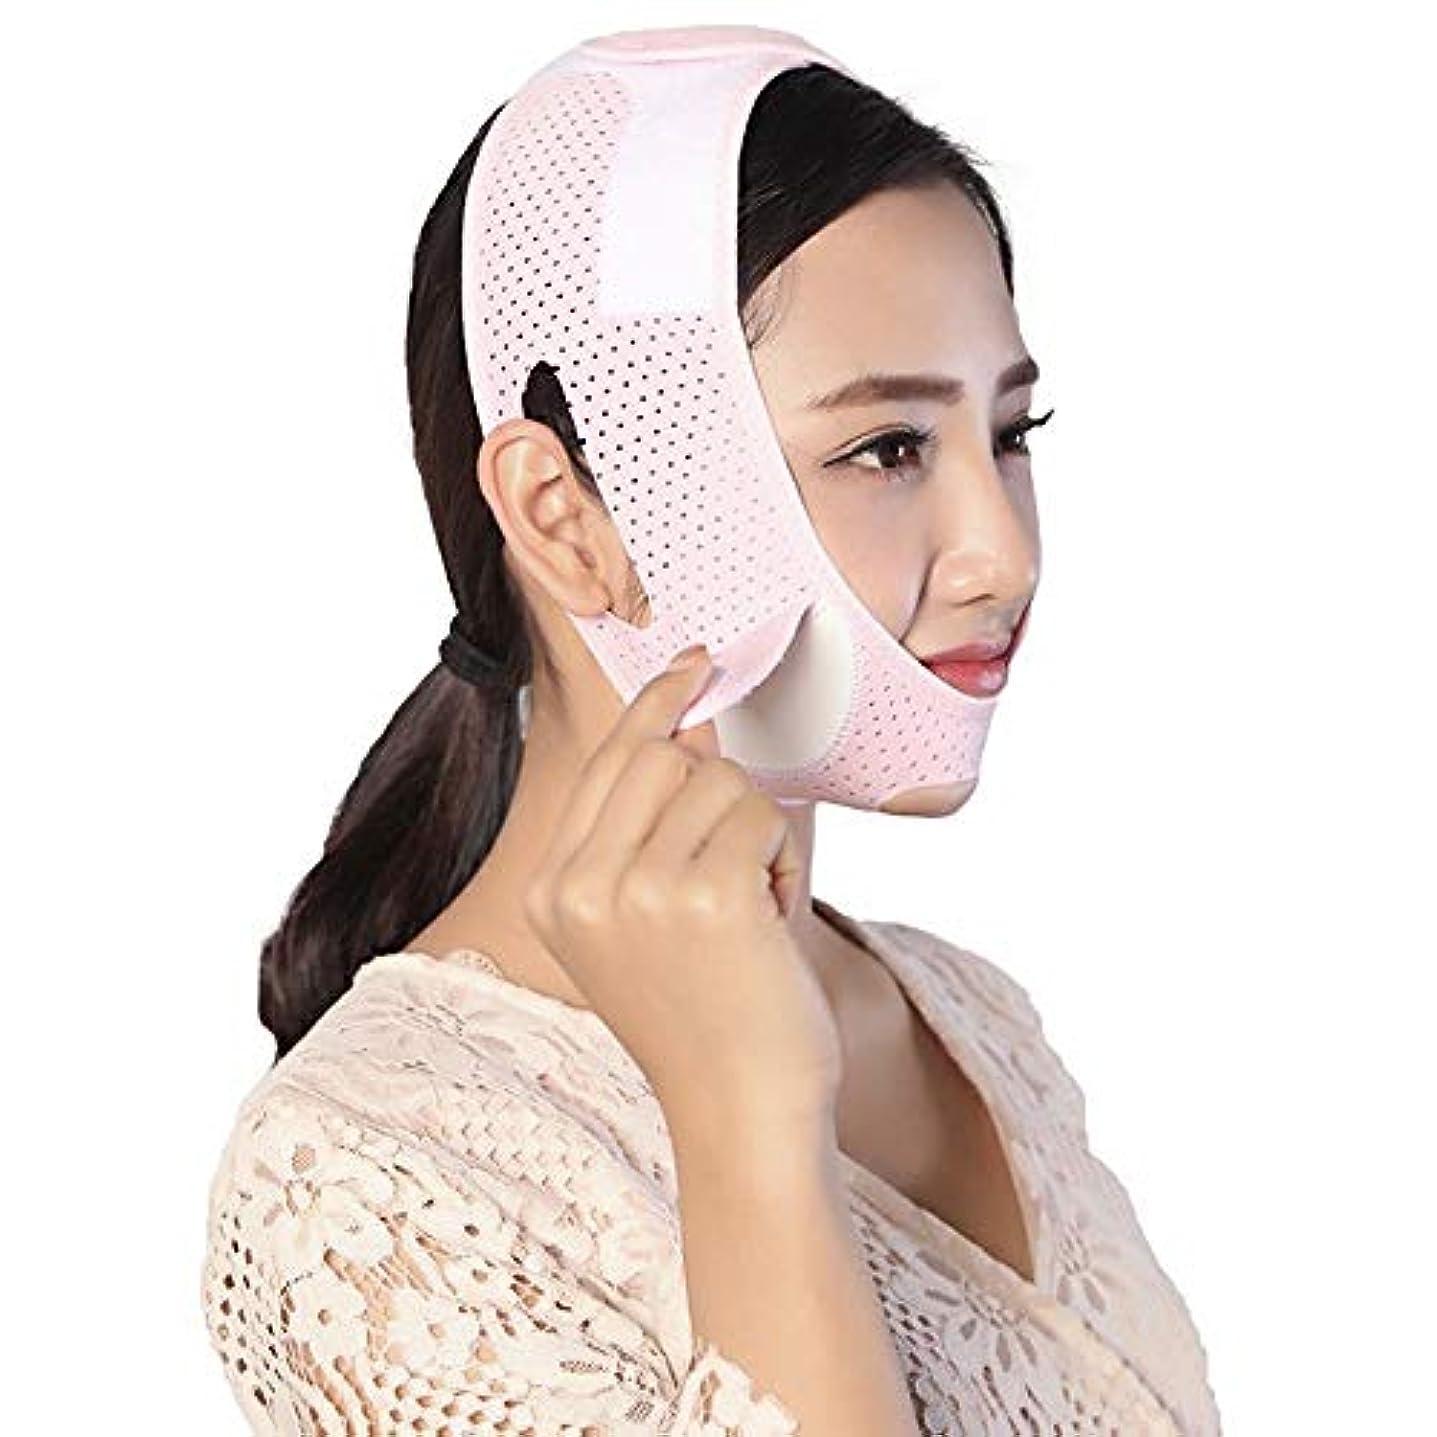 興味絶滅腸GYZ フェイシャルリフティング痩身ベルト - 圧縮二重あご減量ベルトスキンケア薄い顔包帯 Thin Face Belt